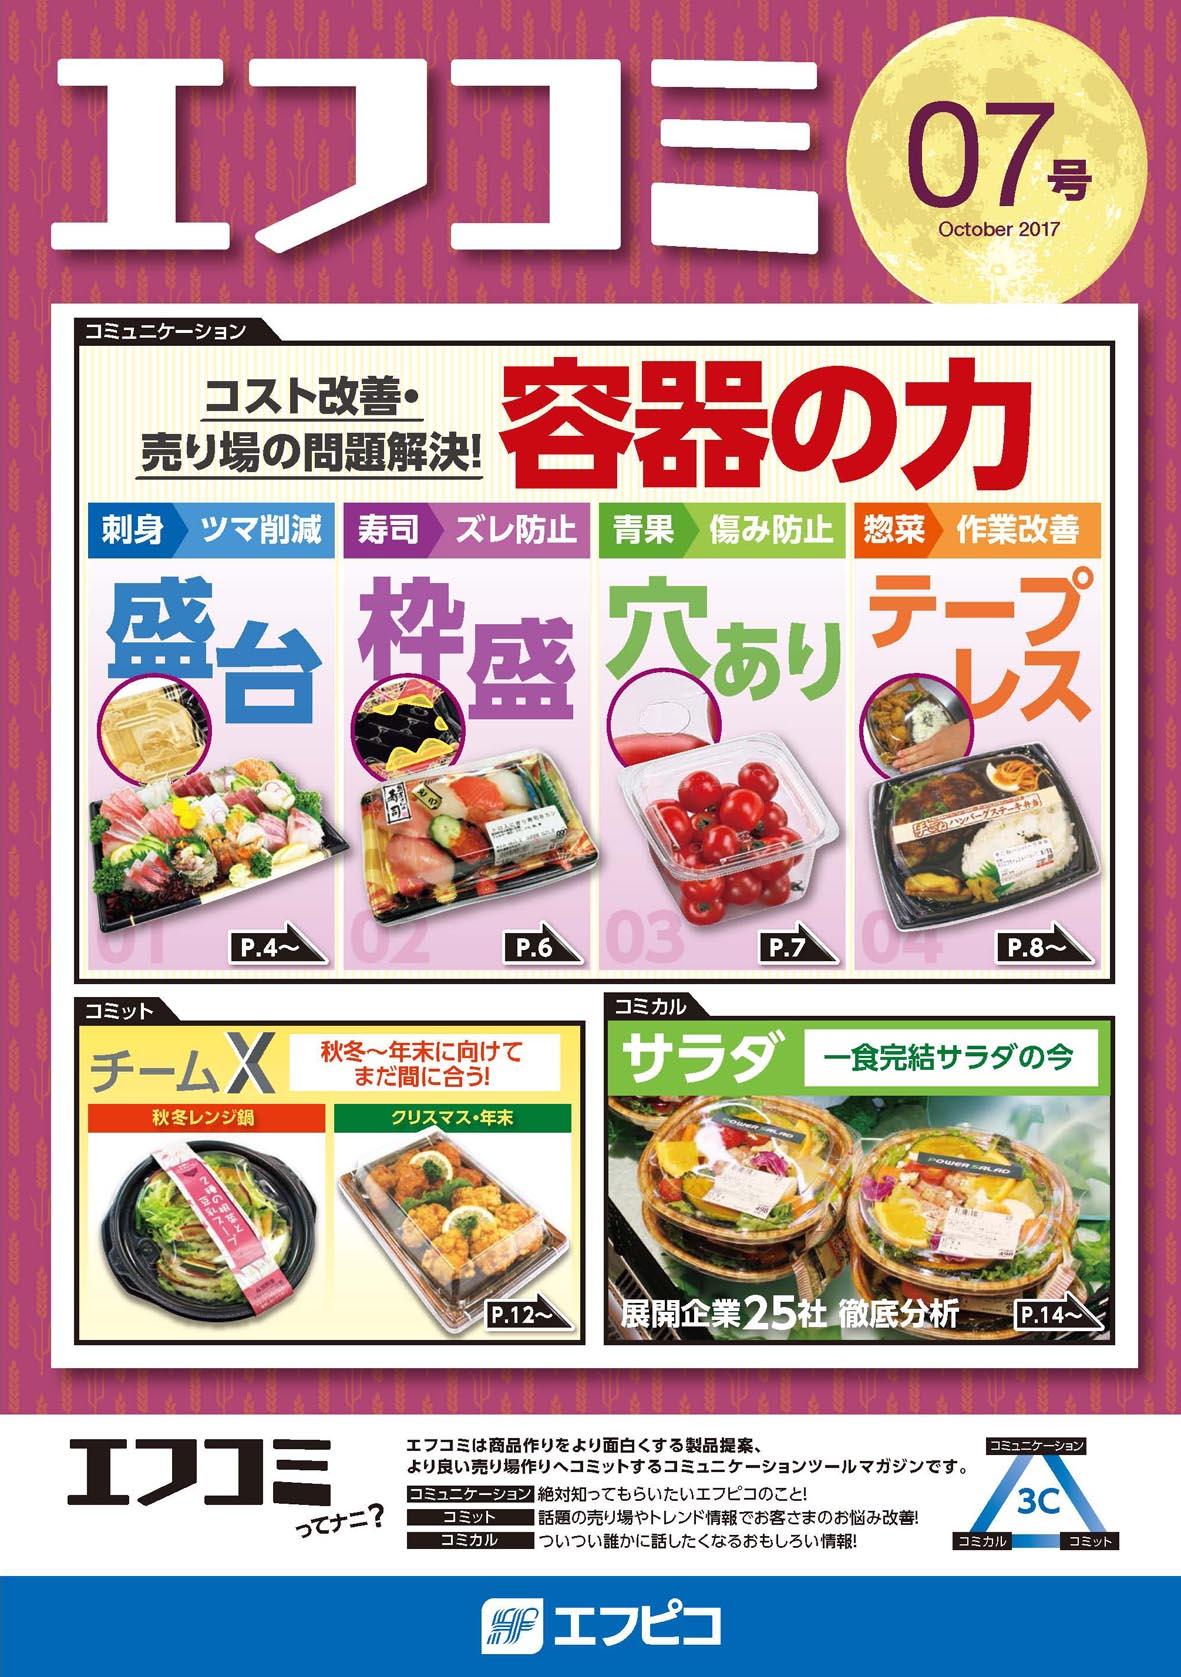 【製品カタログ】エフコミ7号